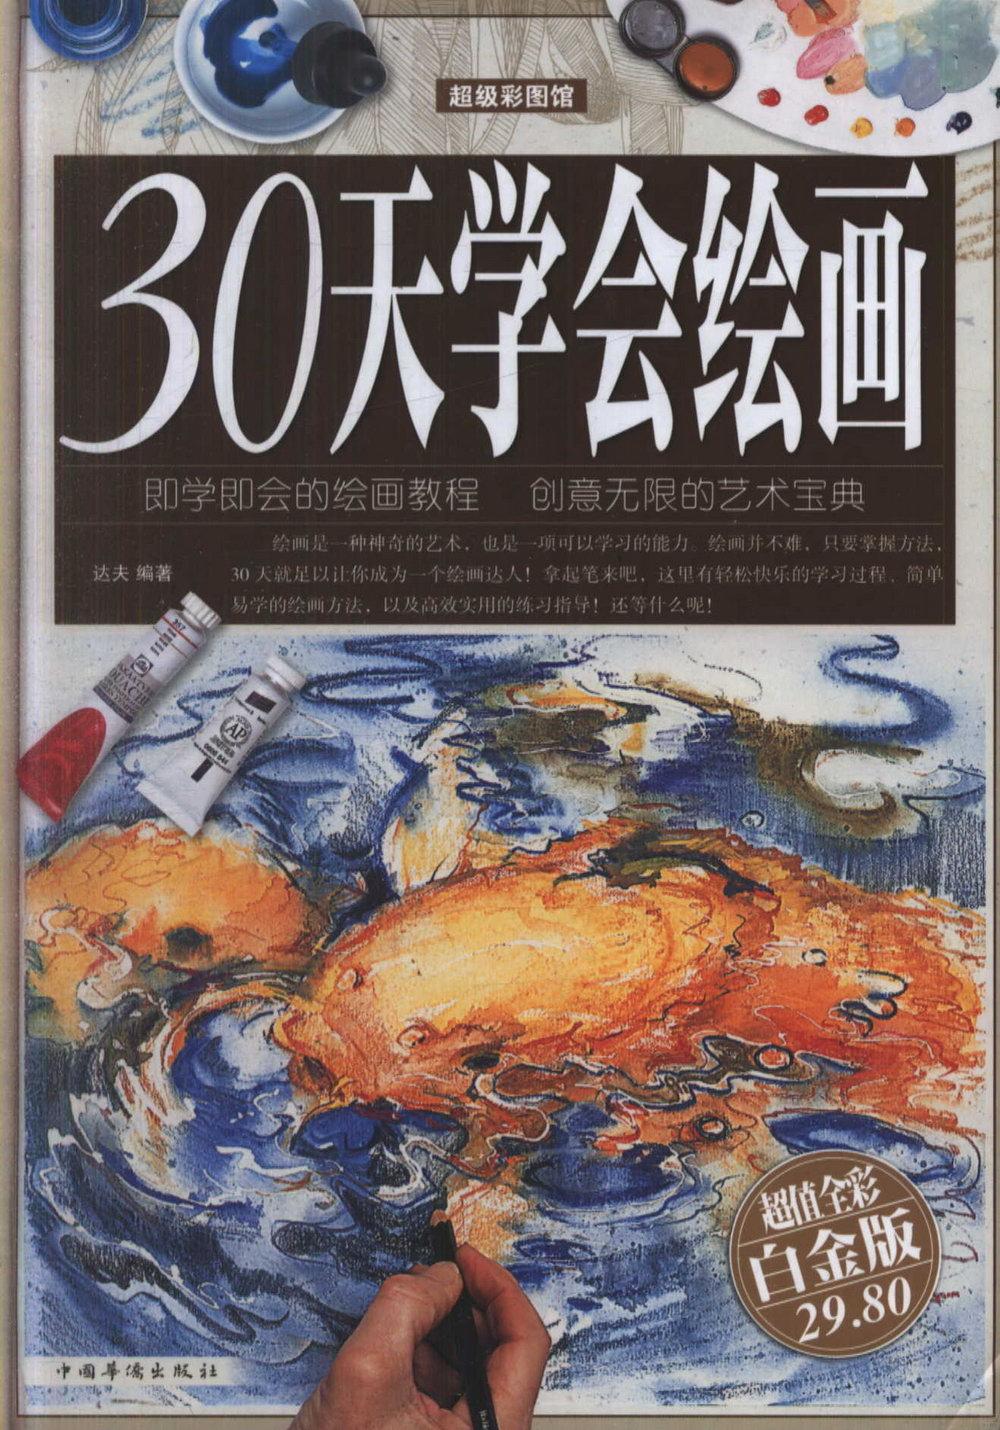 30天學會繪畫^( 全彩白金版^)